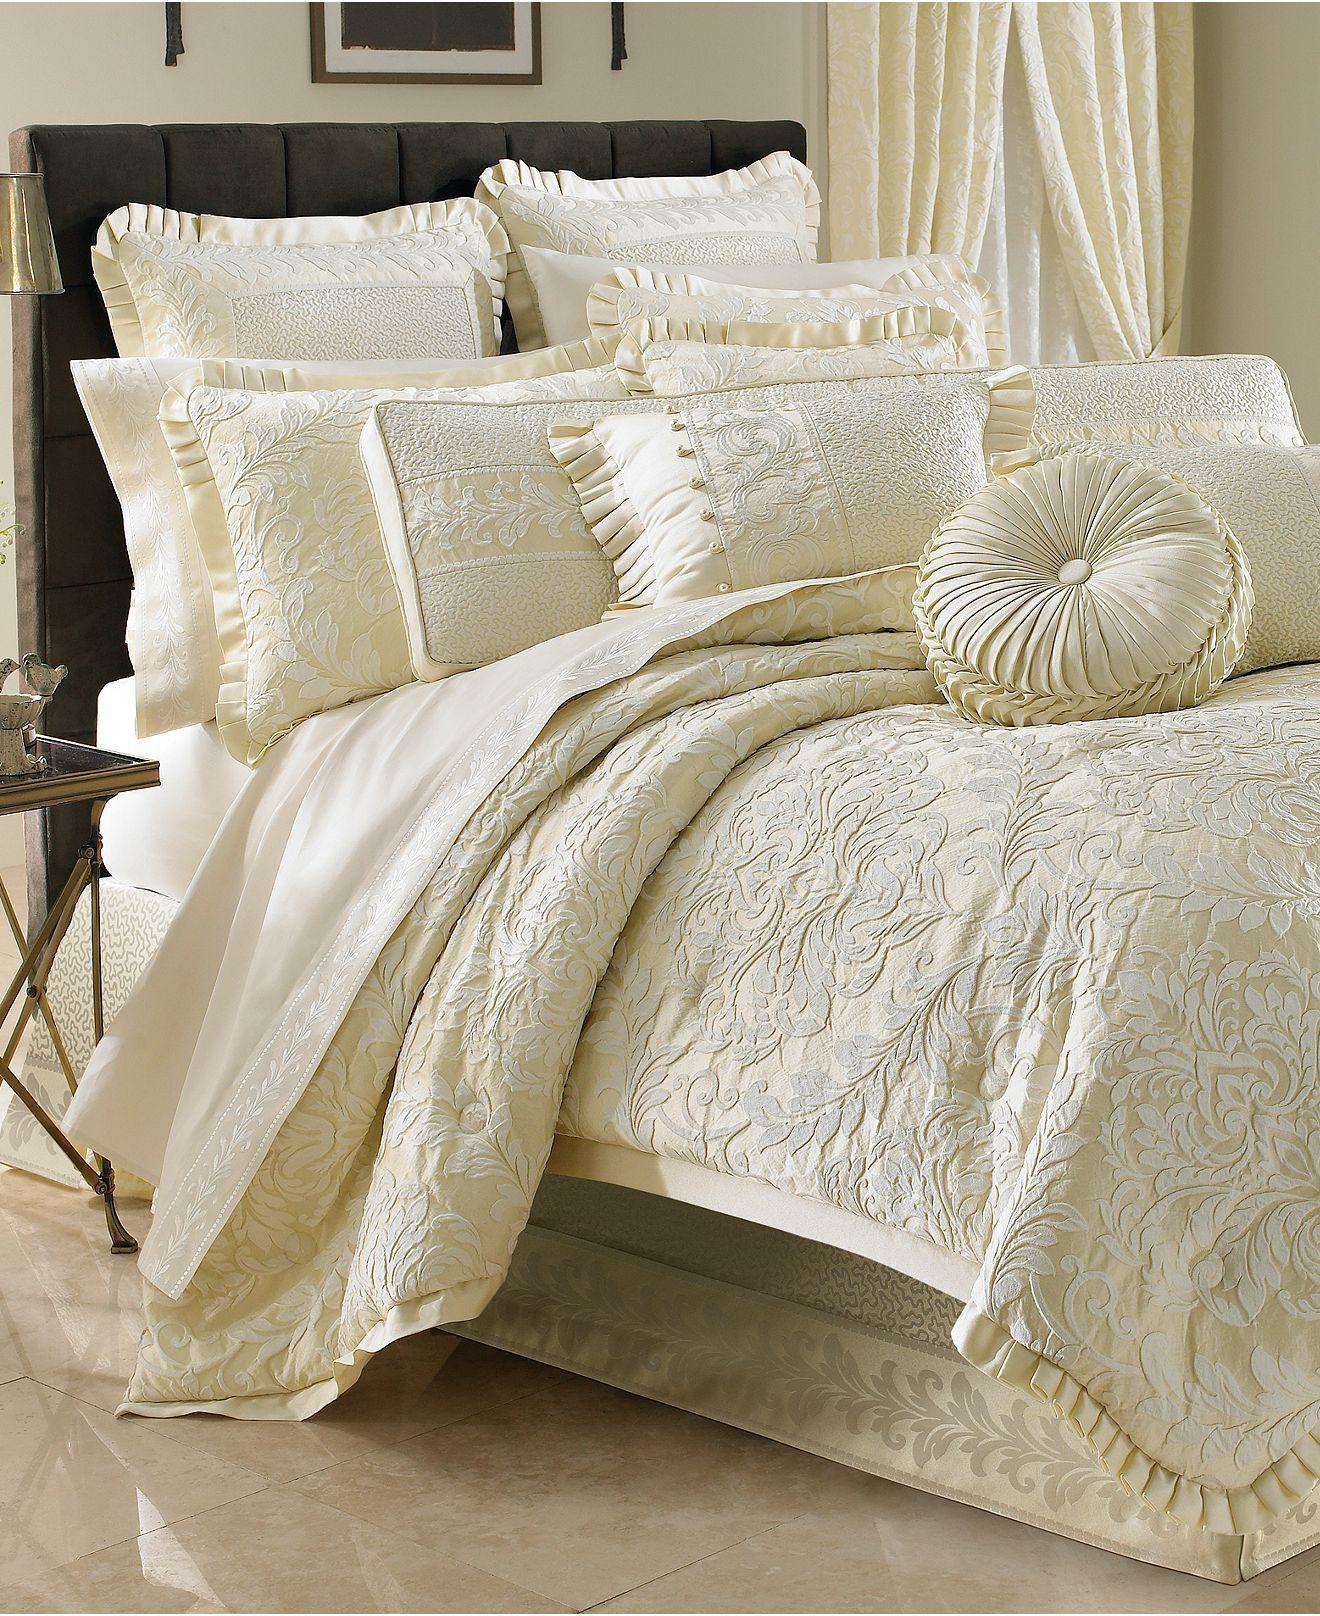 J Queen New York Bedding Marquis Comforter Sets Bedding